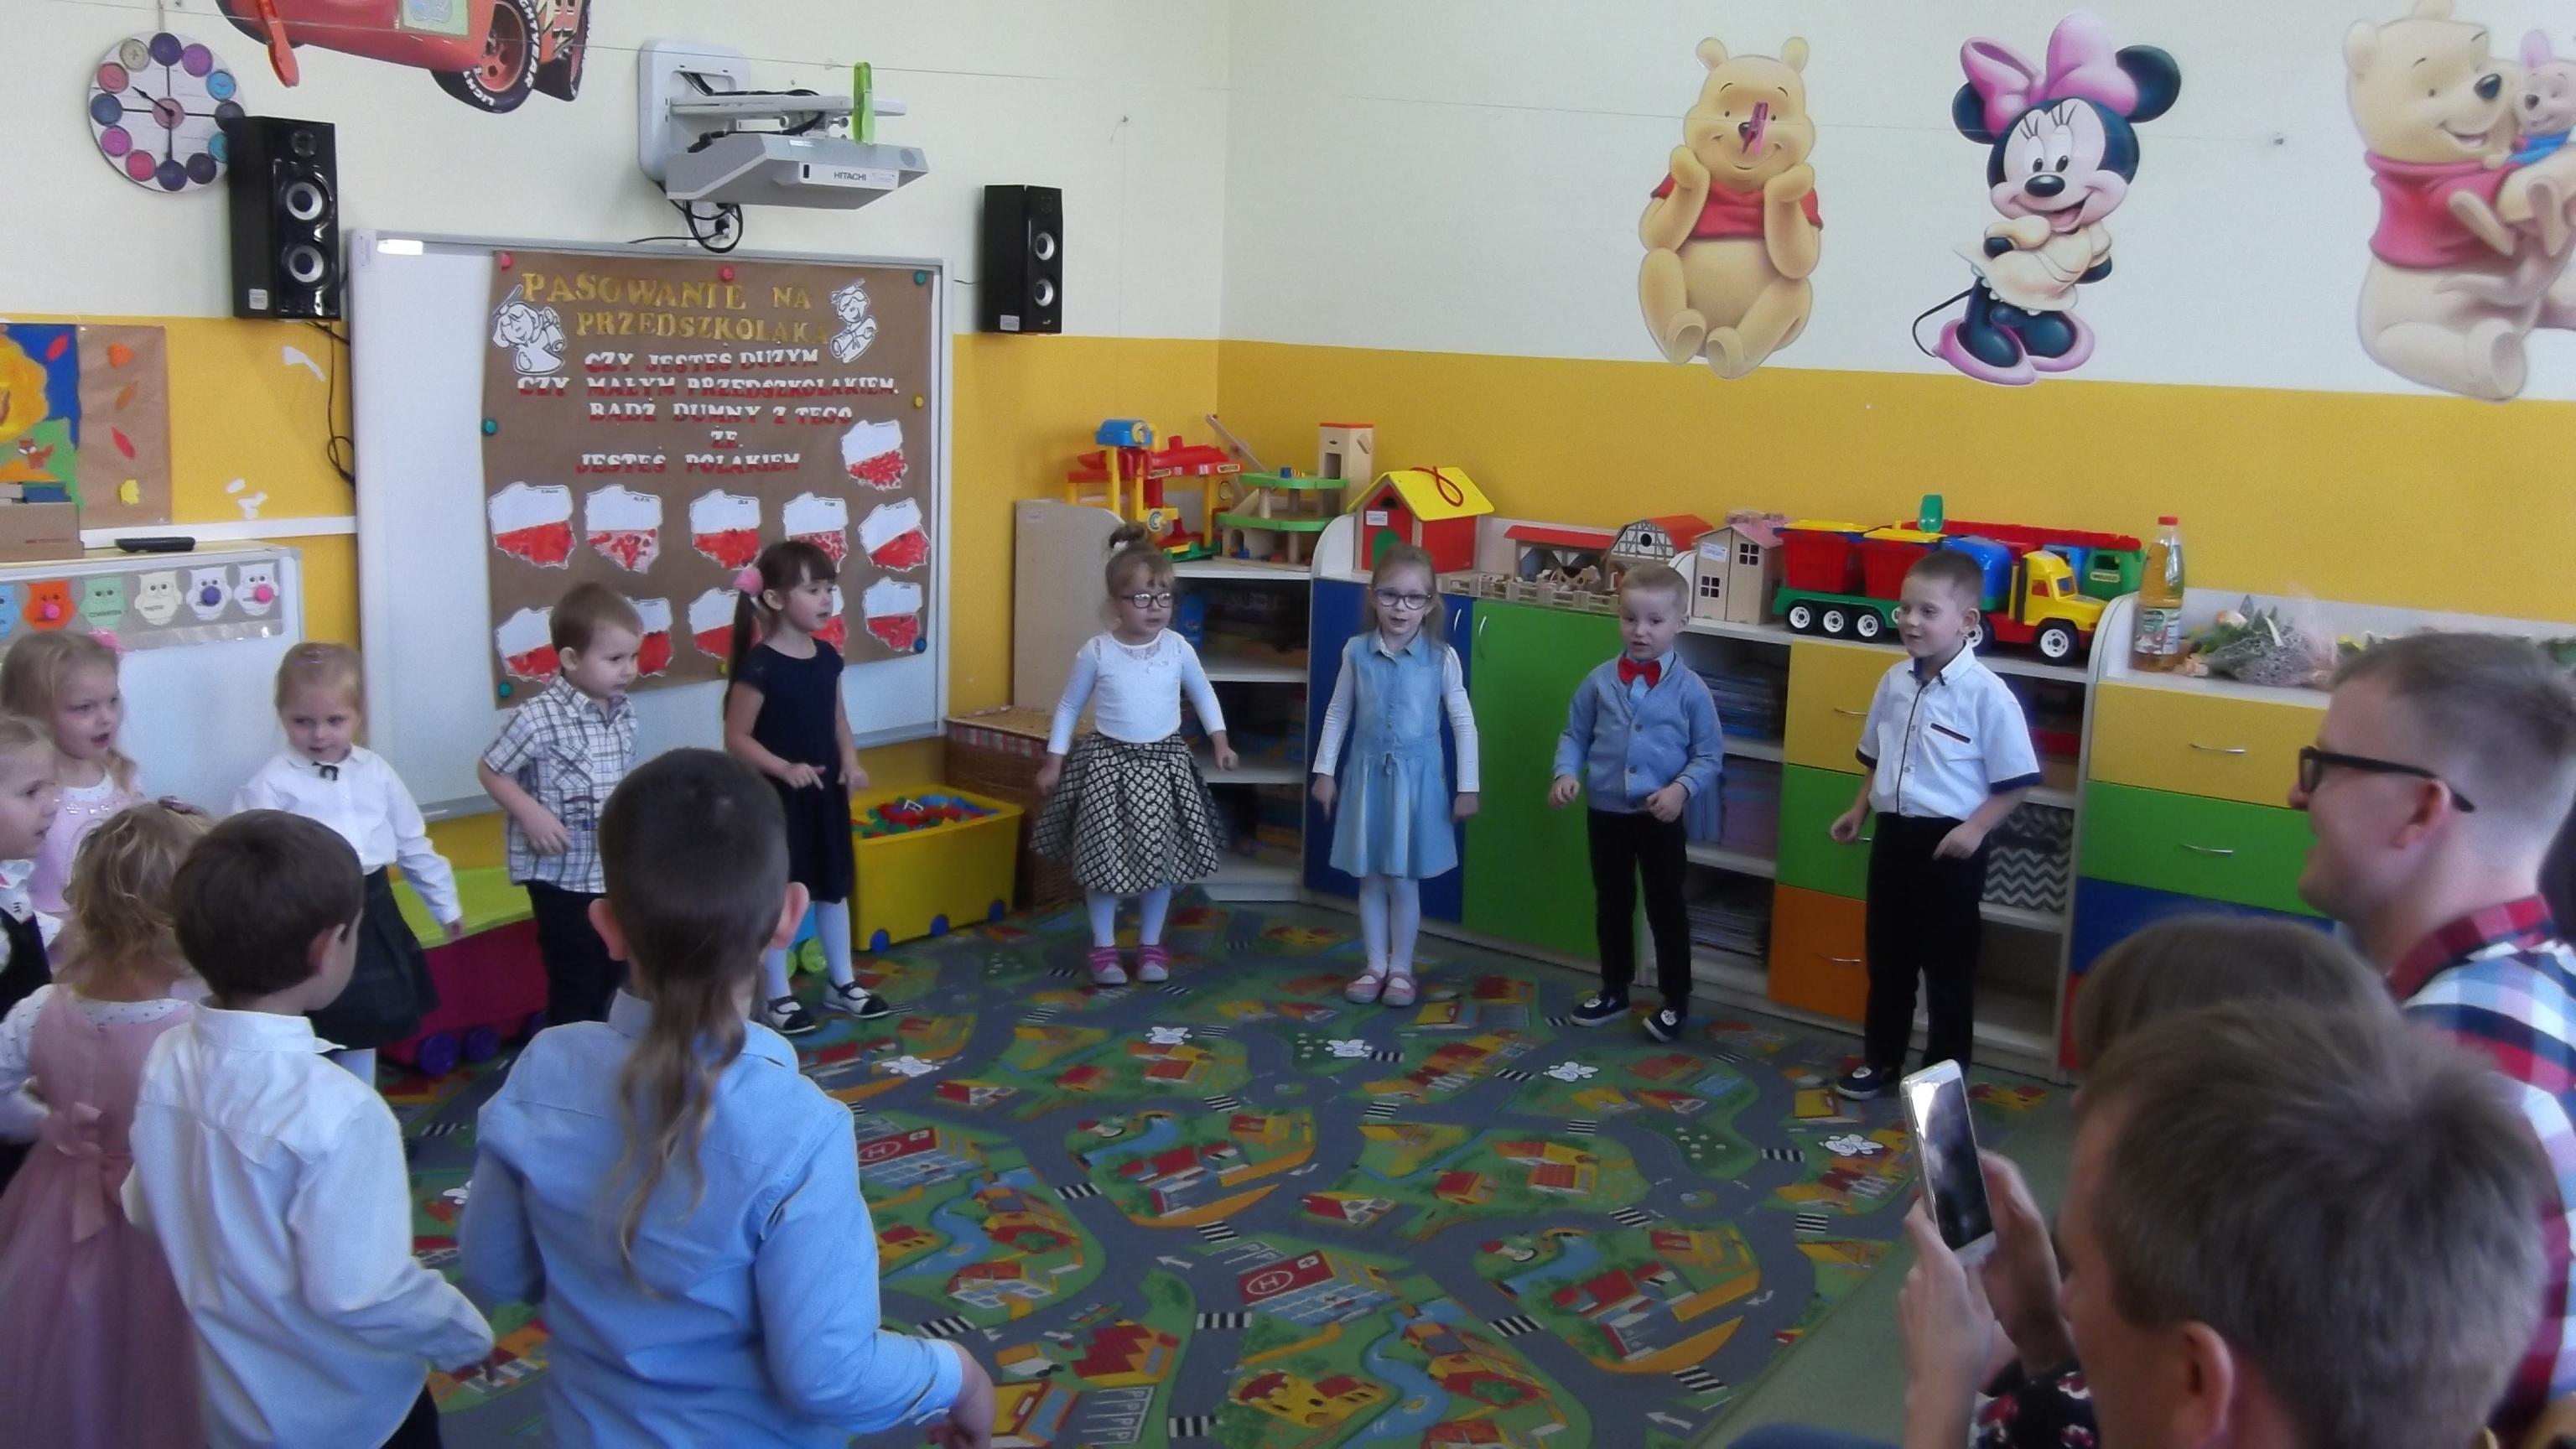 Pasowanie Przedszkolaków Sp Ośniszczewko